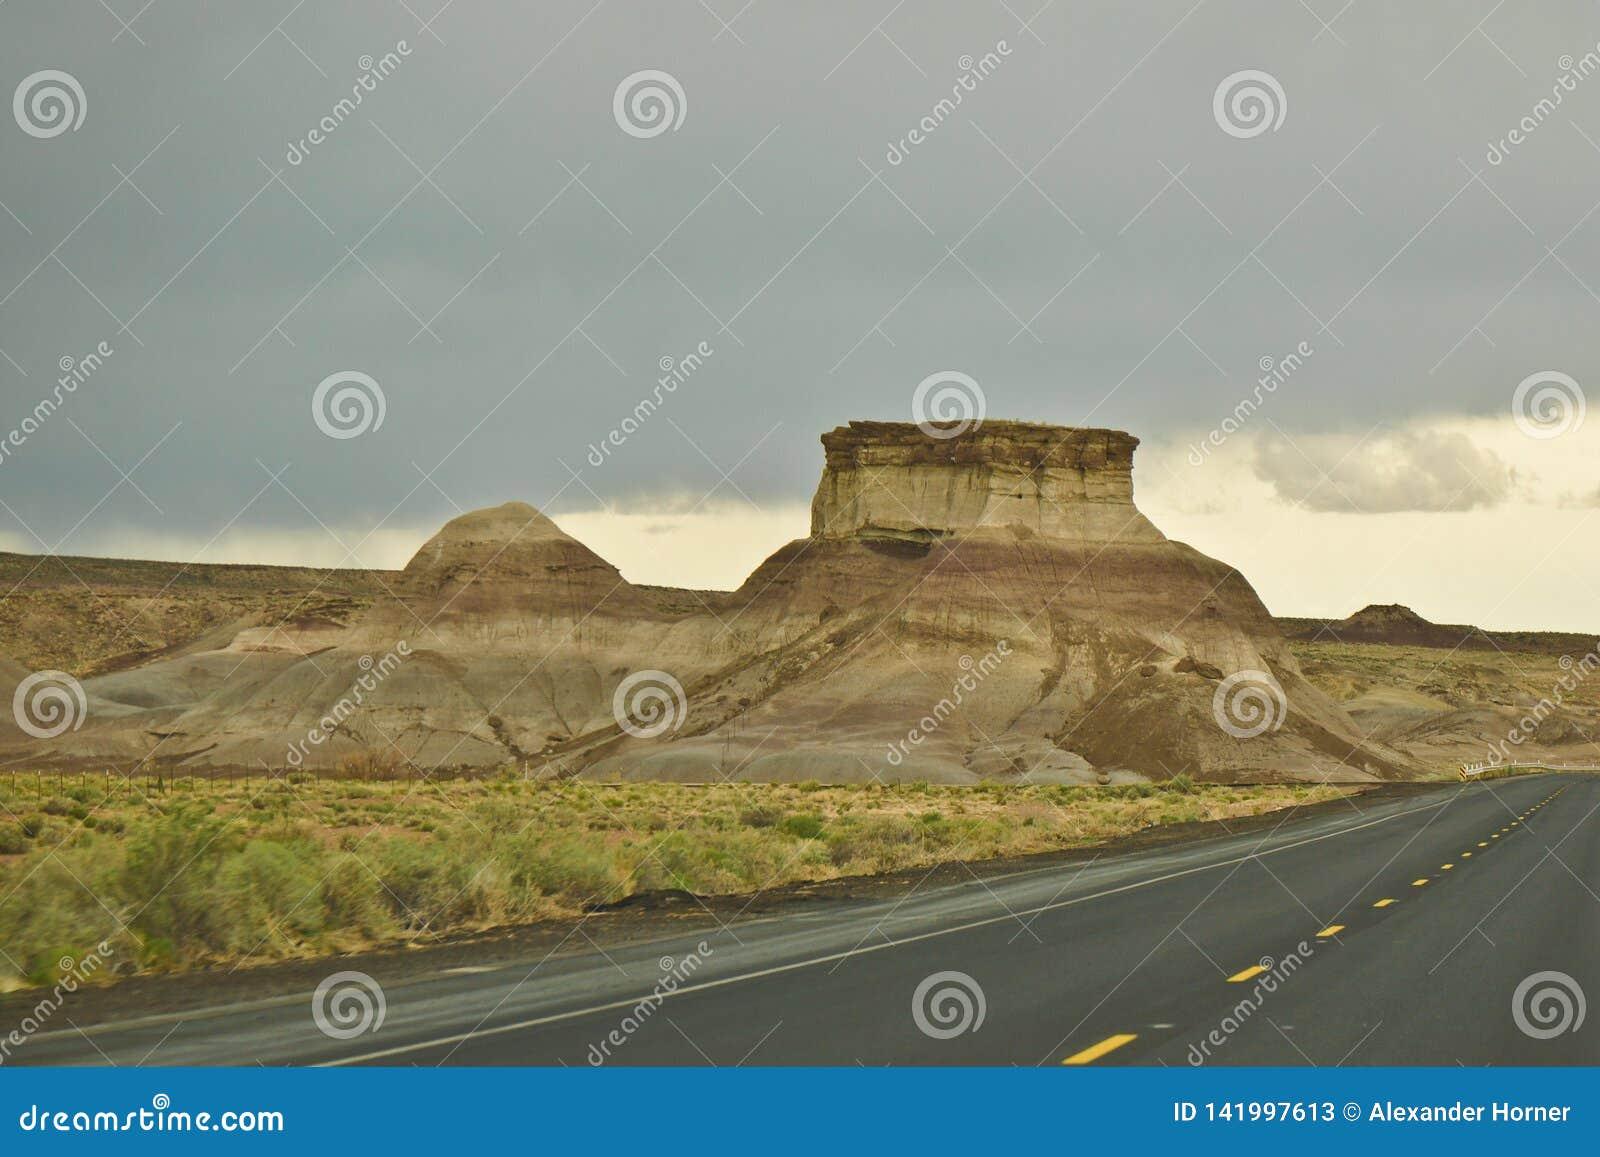 Meseta interesante en el lado del camino en Arizona